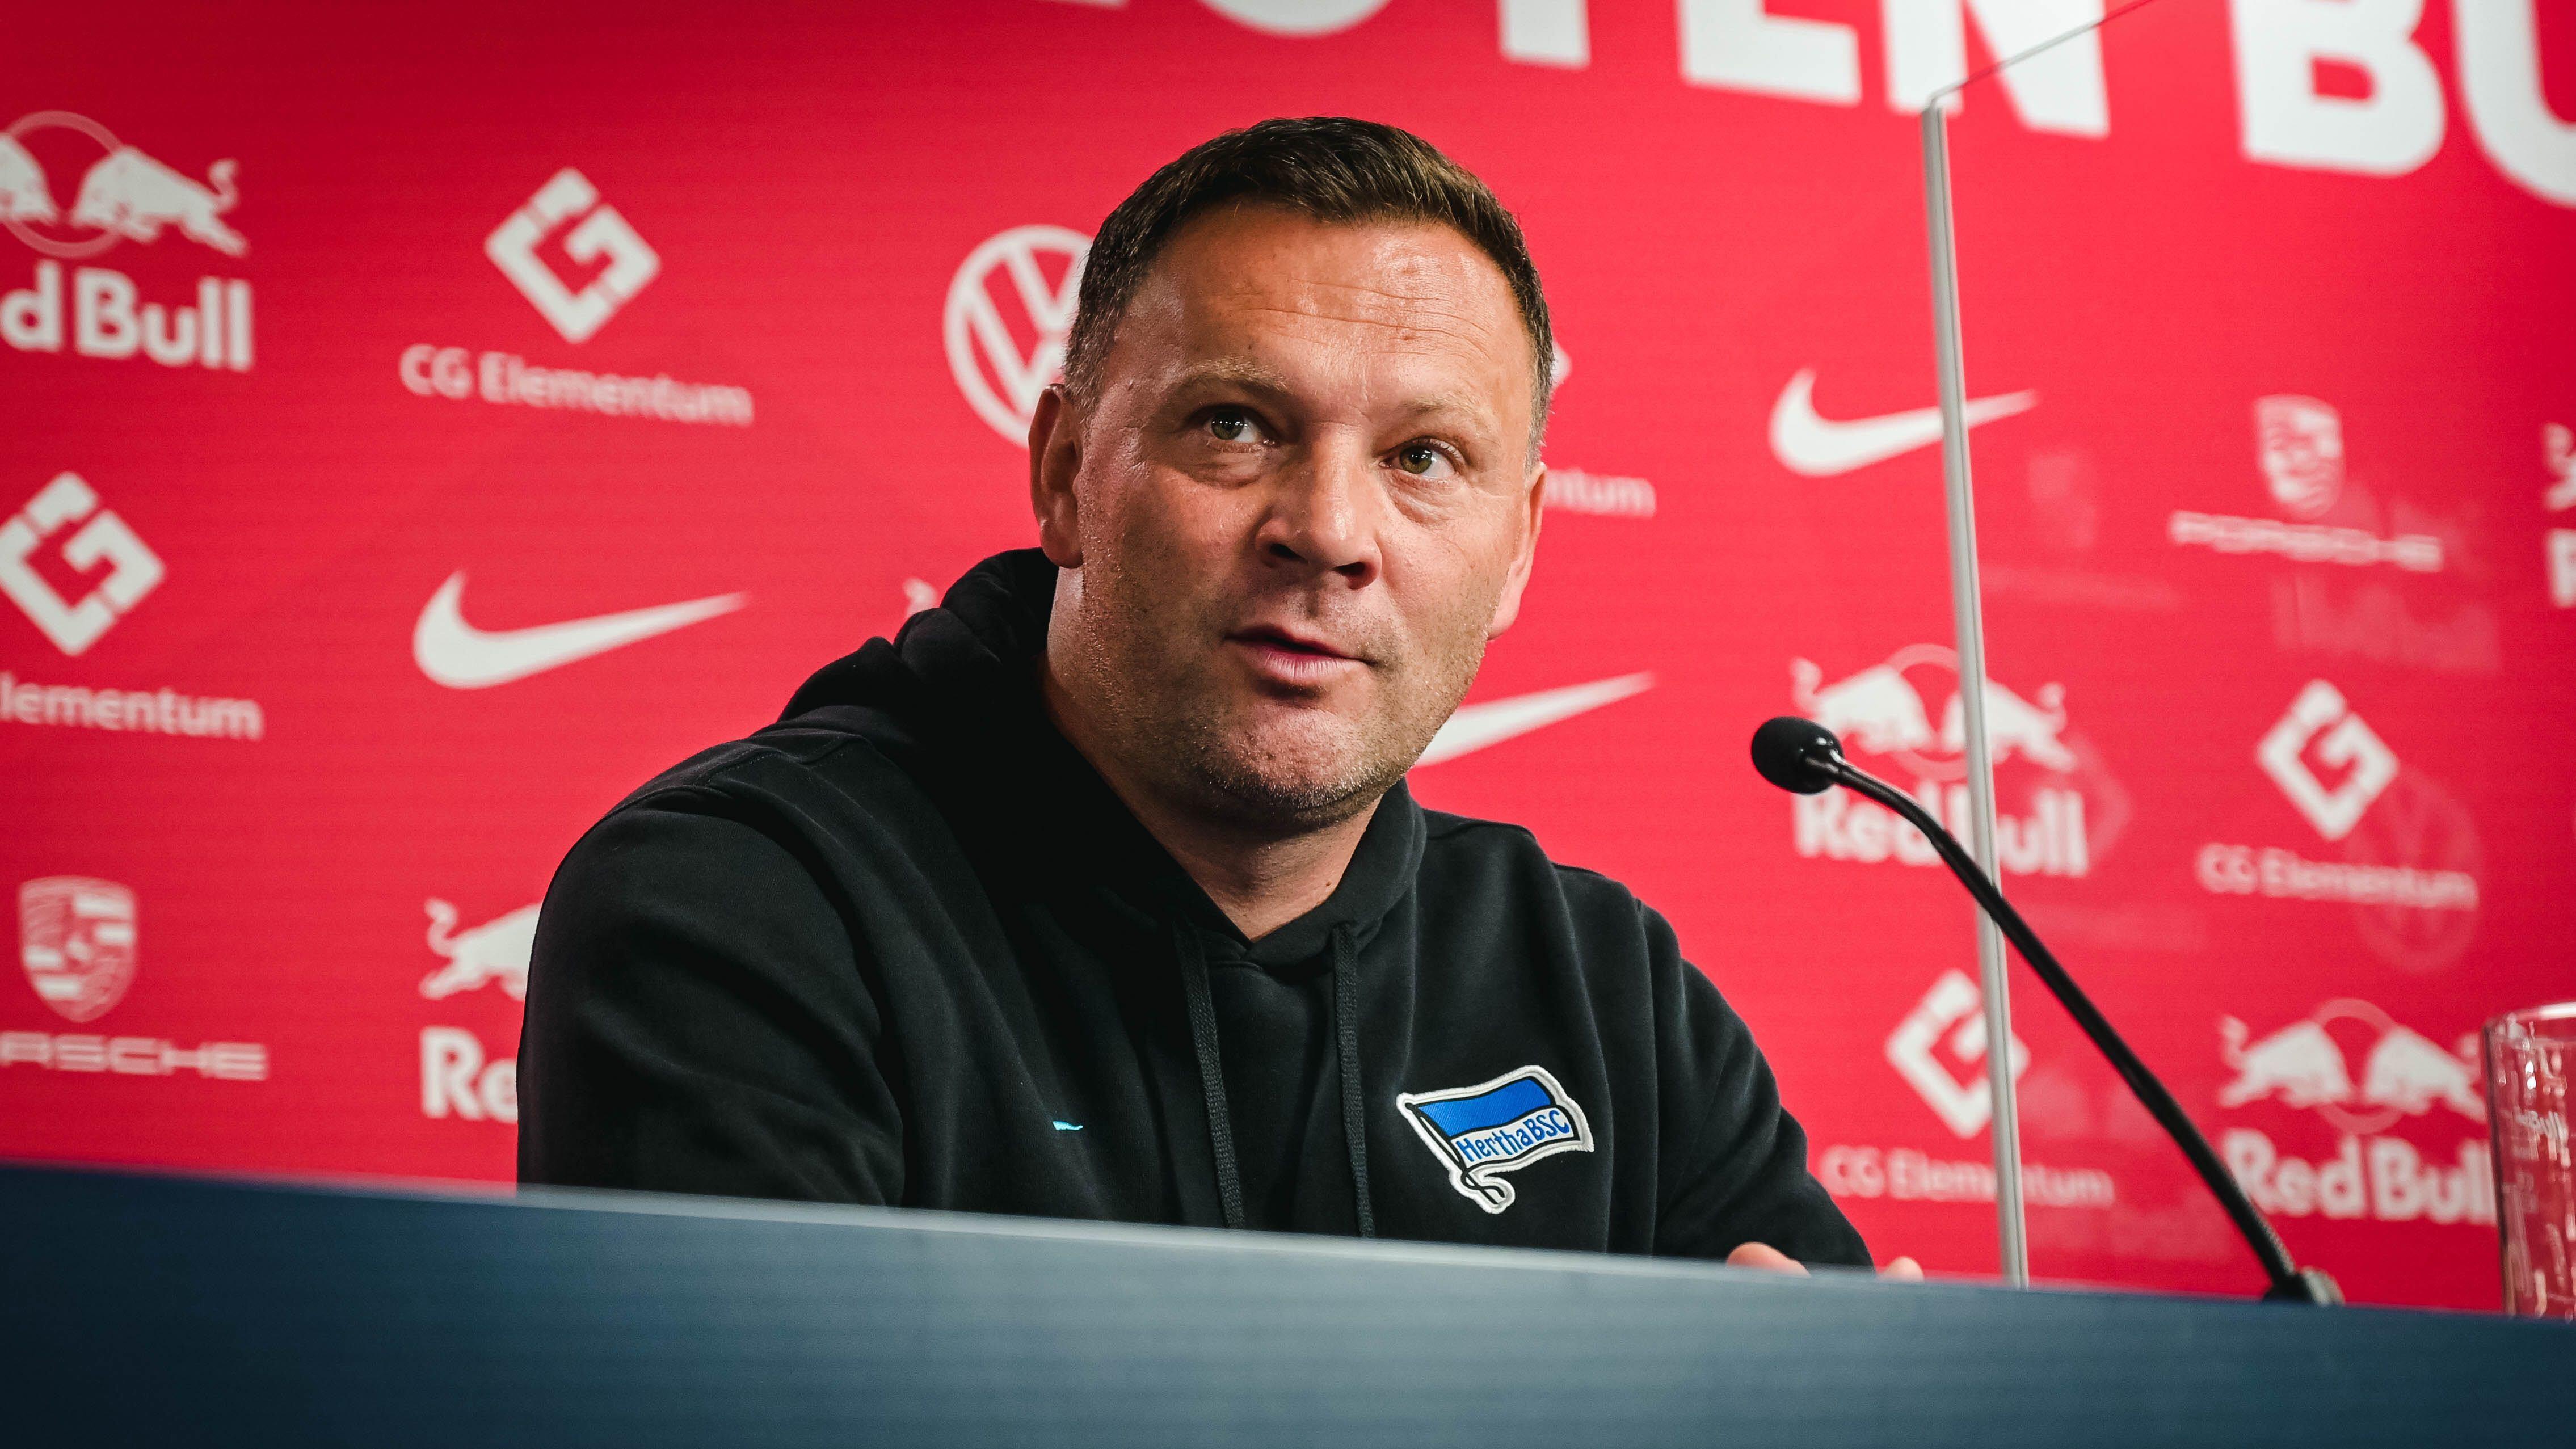 Pál Dárdai sitzt auf dem Podium in der Leipziger Arena.